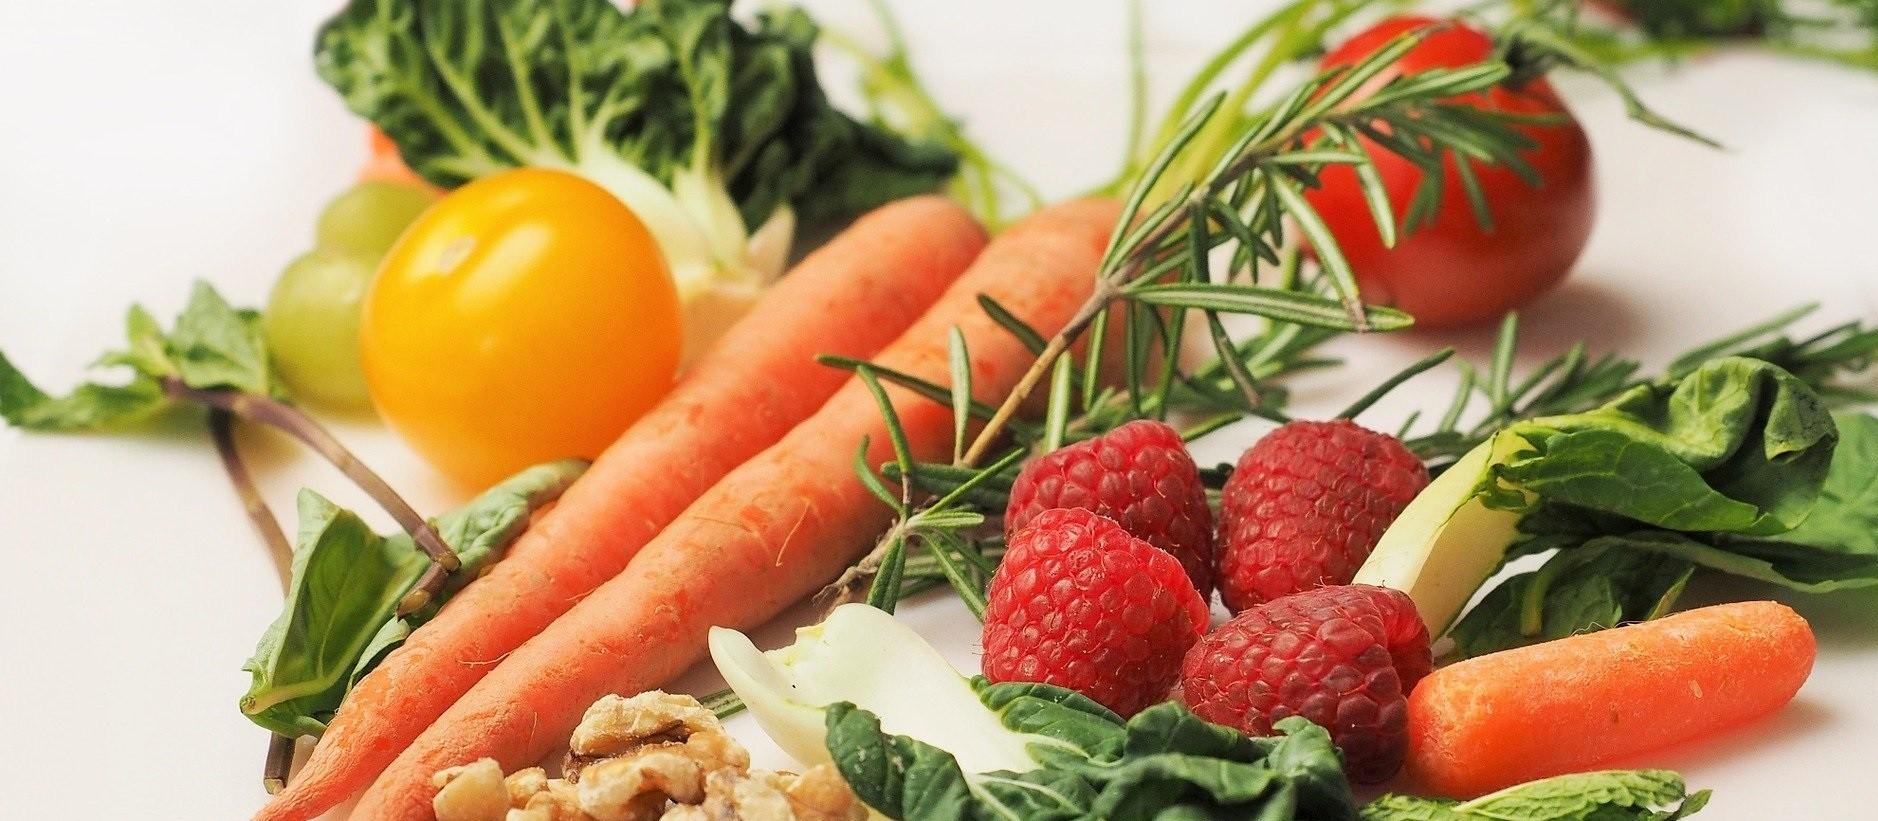 Podcast CBN Maringá:  Vamos falar de... alimentação